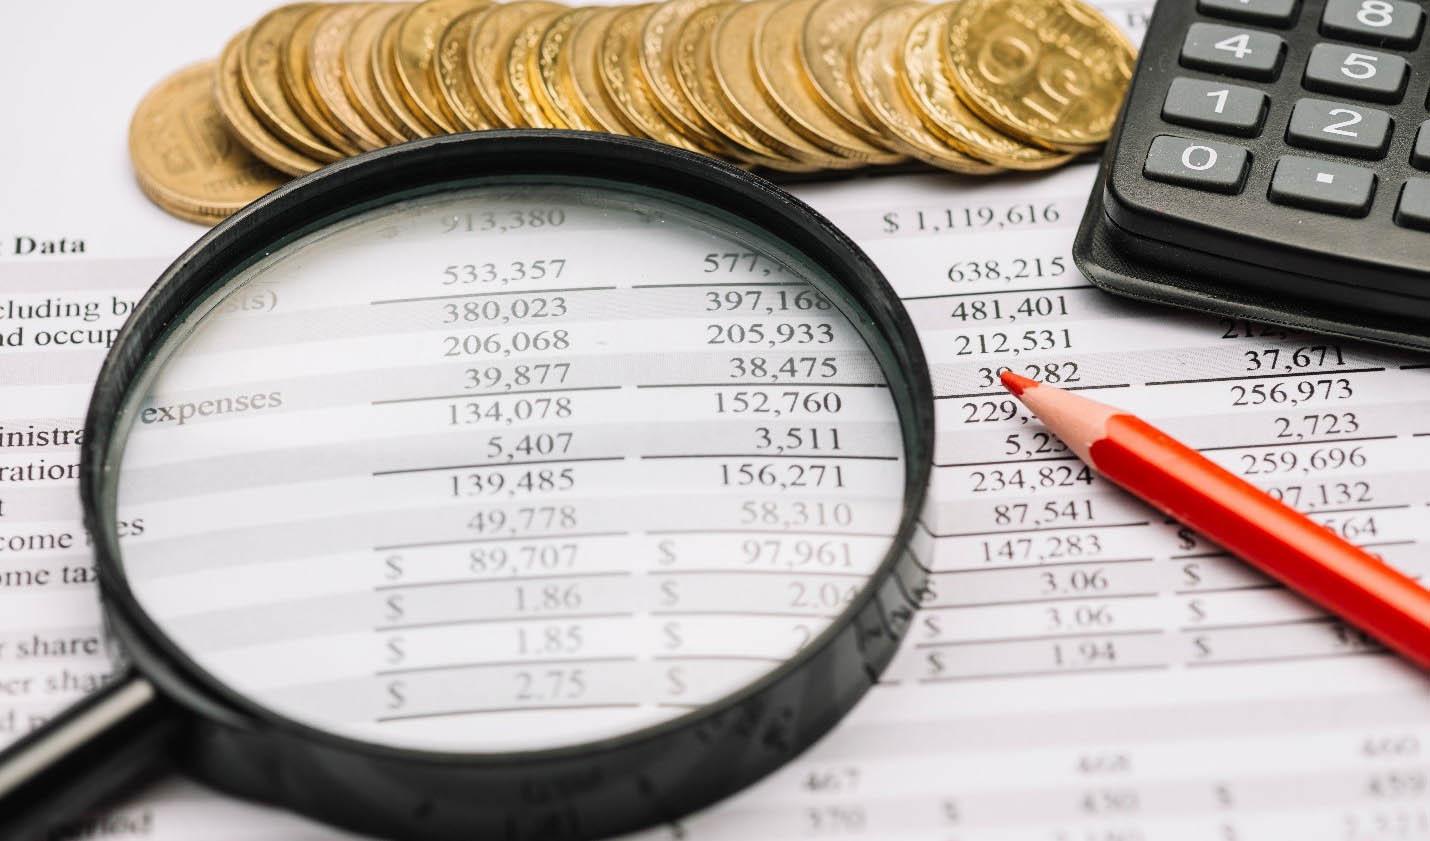 تکلیف سازمان مالیاتی برای انتقال اطلاعات به سامانه ملی املاک و اسکان+سند